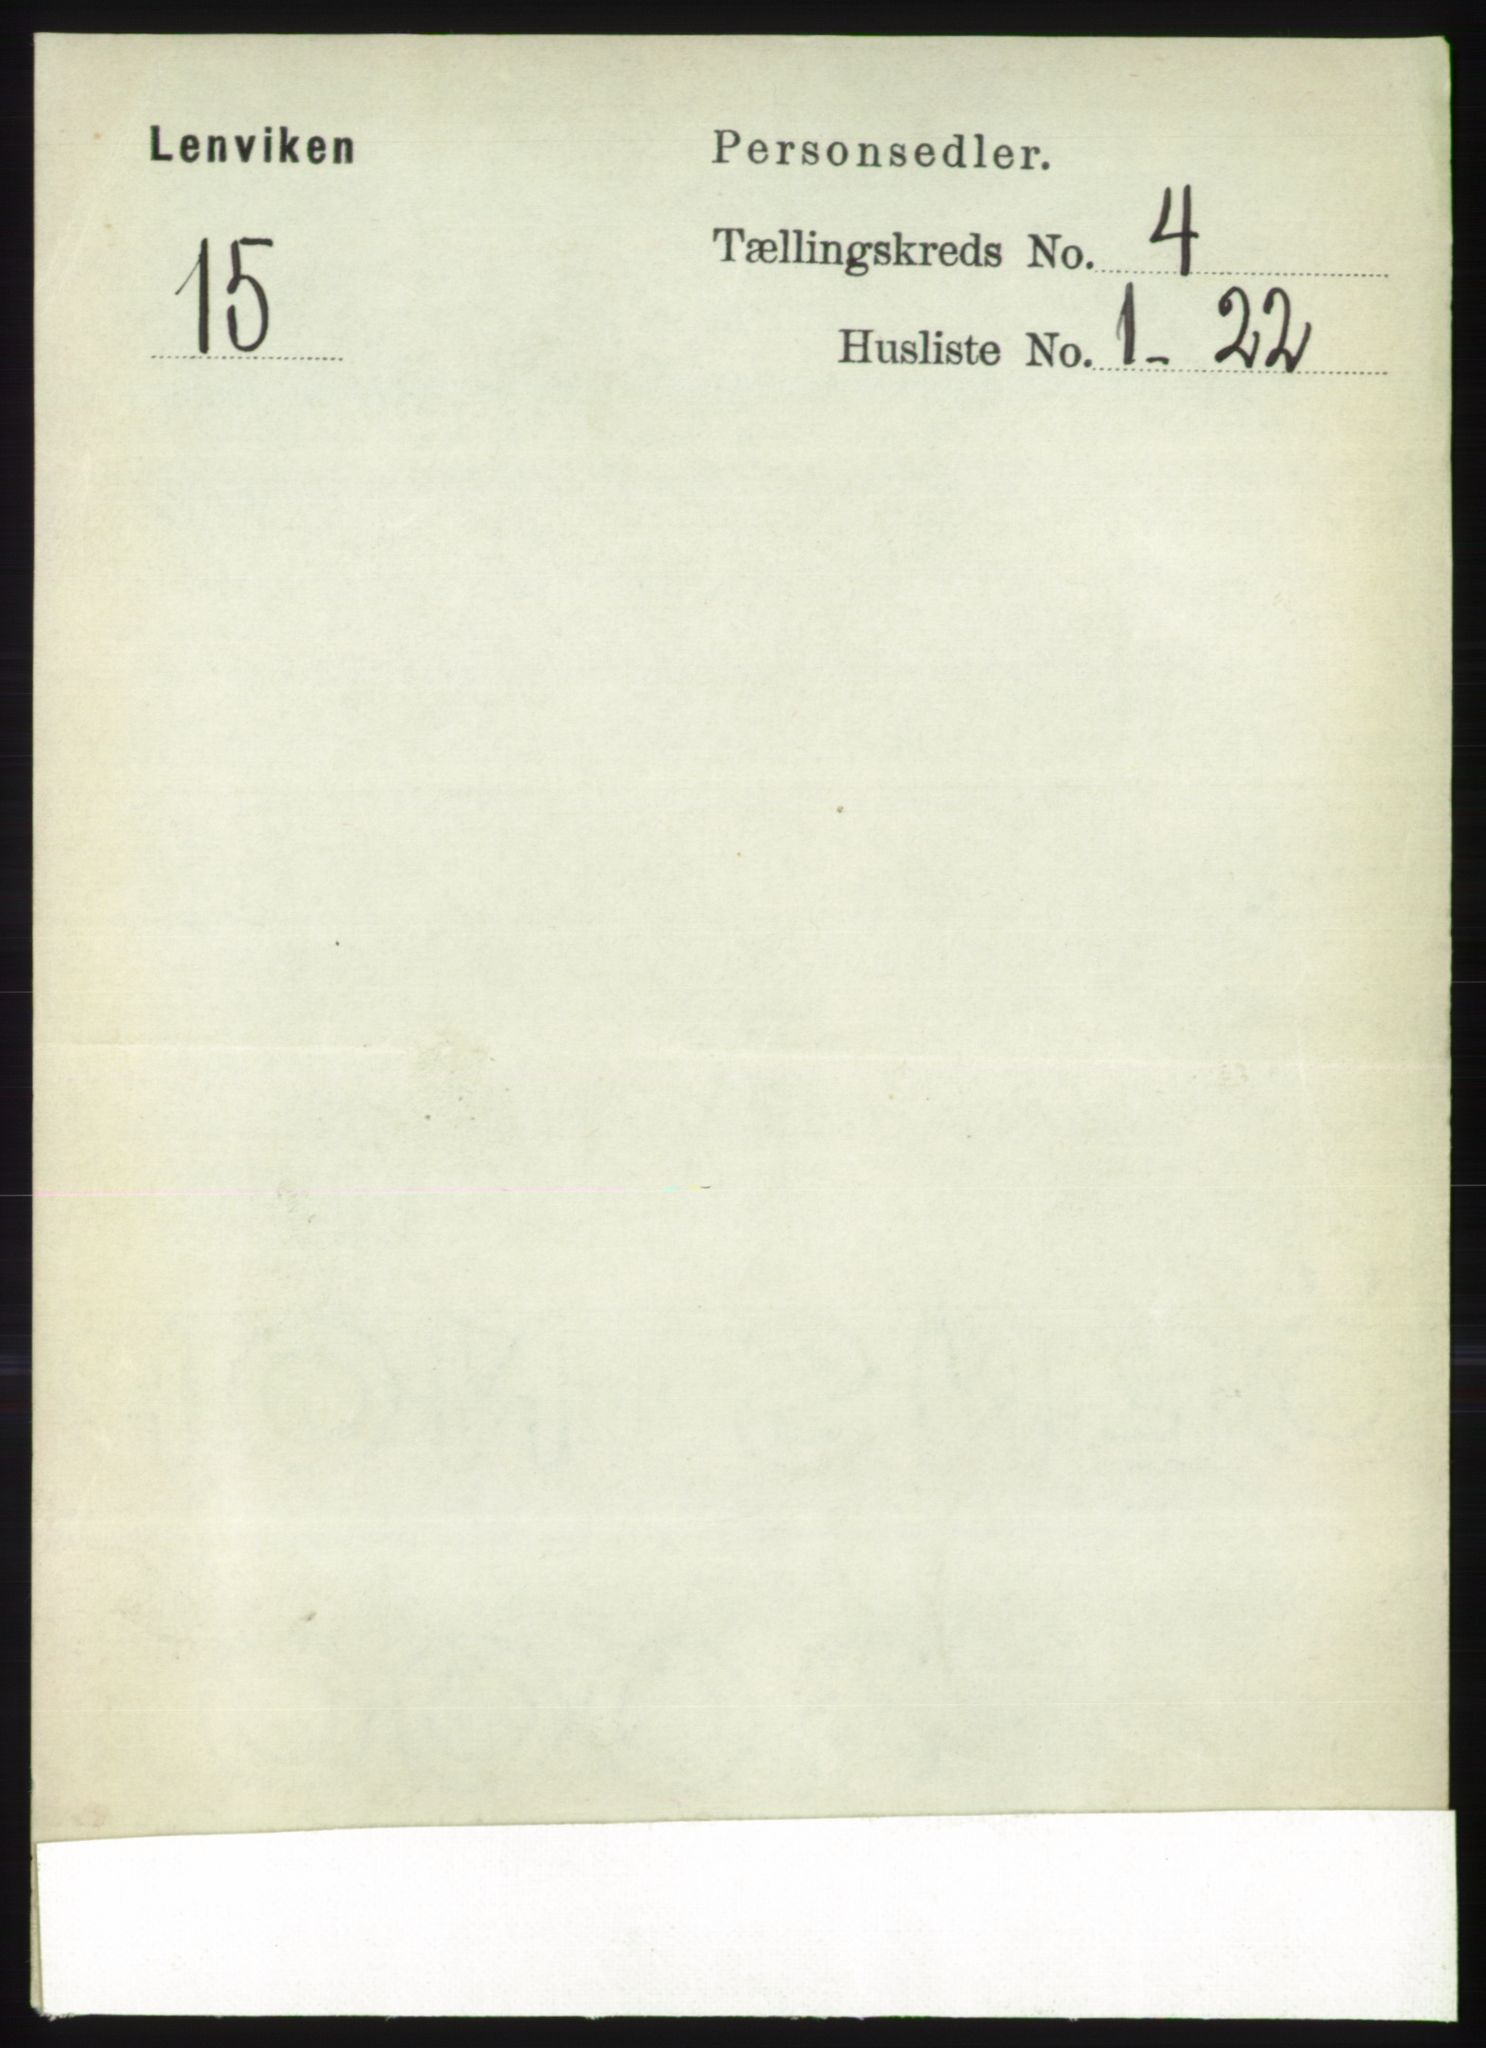 RA, Folketelling 1891 for 1931 Lenvik herred, 1891, s. 1916